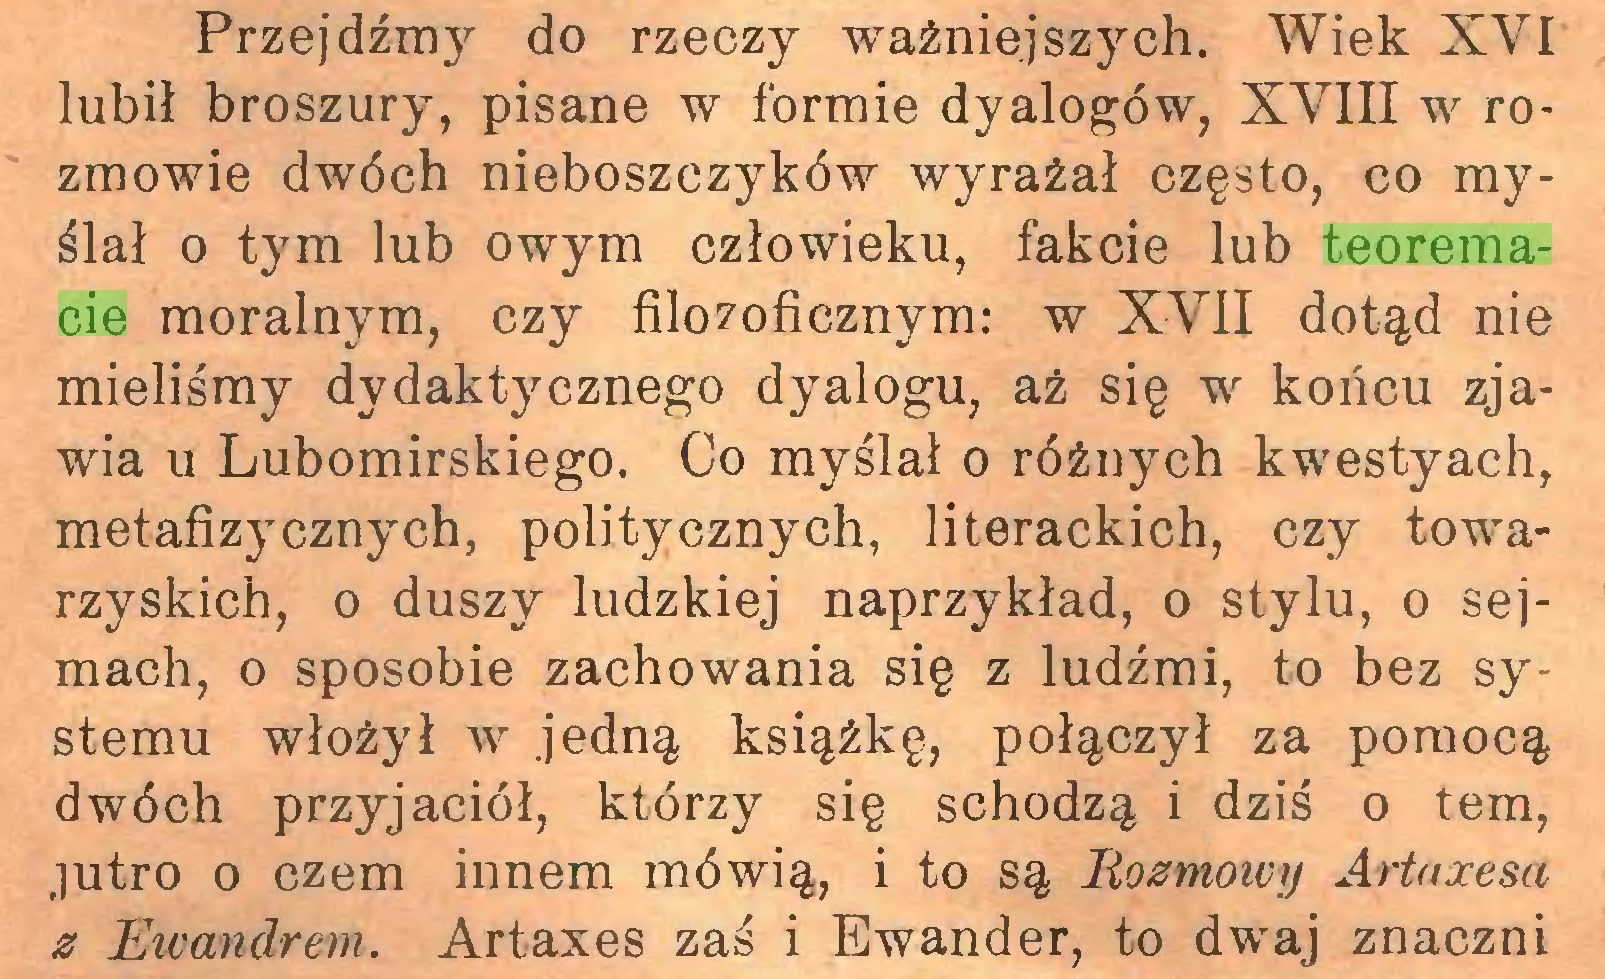 (...) Przejdźmy do rzeczy ważniejszych. Wiek XVI lubił broszury, pisane w formie dyalogów, XVIII w rozmowie dwóch nieboszczyków wyrażał często, co myślał o tym lub owym człowieku, fakcie lub teoremacie moralnym, czy filozoficznym: w XVII dotąd nie mieliśmy dydaktycznego dyalogu, aż się w końcu zjawia u Lubomirskiego. Co myślał o różnych kwestyach, metafizycznych, politycznych, literackich, czy towarzyskich, o duszy ludzkiej naprzykład, o stylu, o sejmach, o sposobie zachowania się z ludźmi, to bez systemu włożył w jedną książkę, połączył za pomocą dwóch przyjaciół, którzy się schodzą i dziś o tern, jutro o czem innem mówią, i to są Rozmowy Artaxesa z Ewandrem. Artaxes zaś i Ewander, to dwaj znaczni...